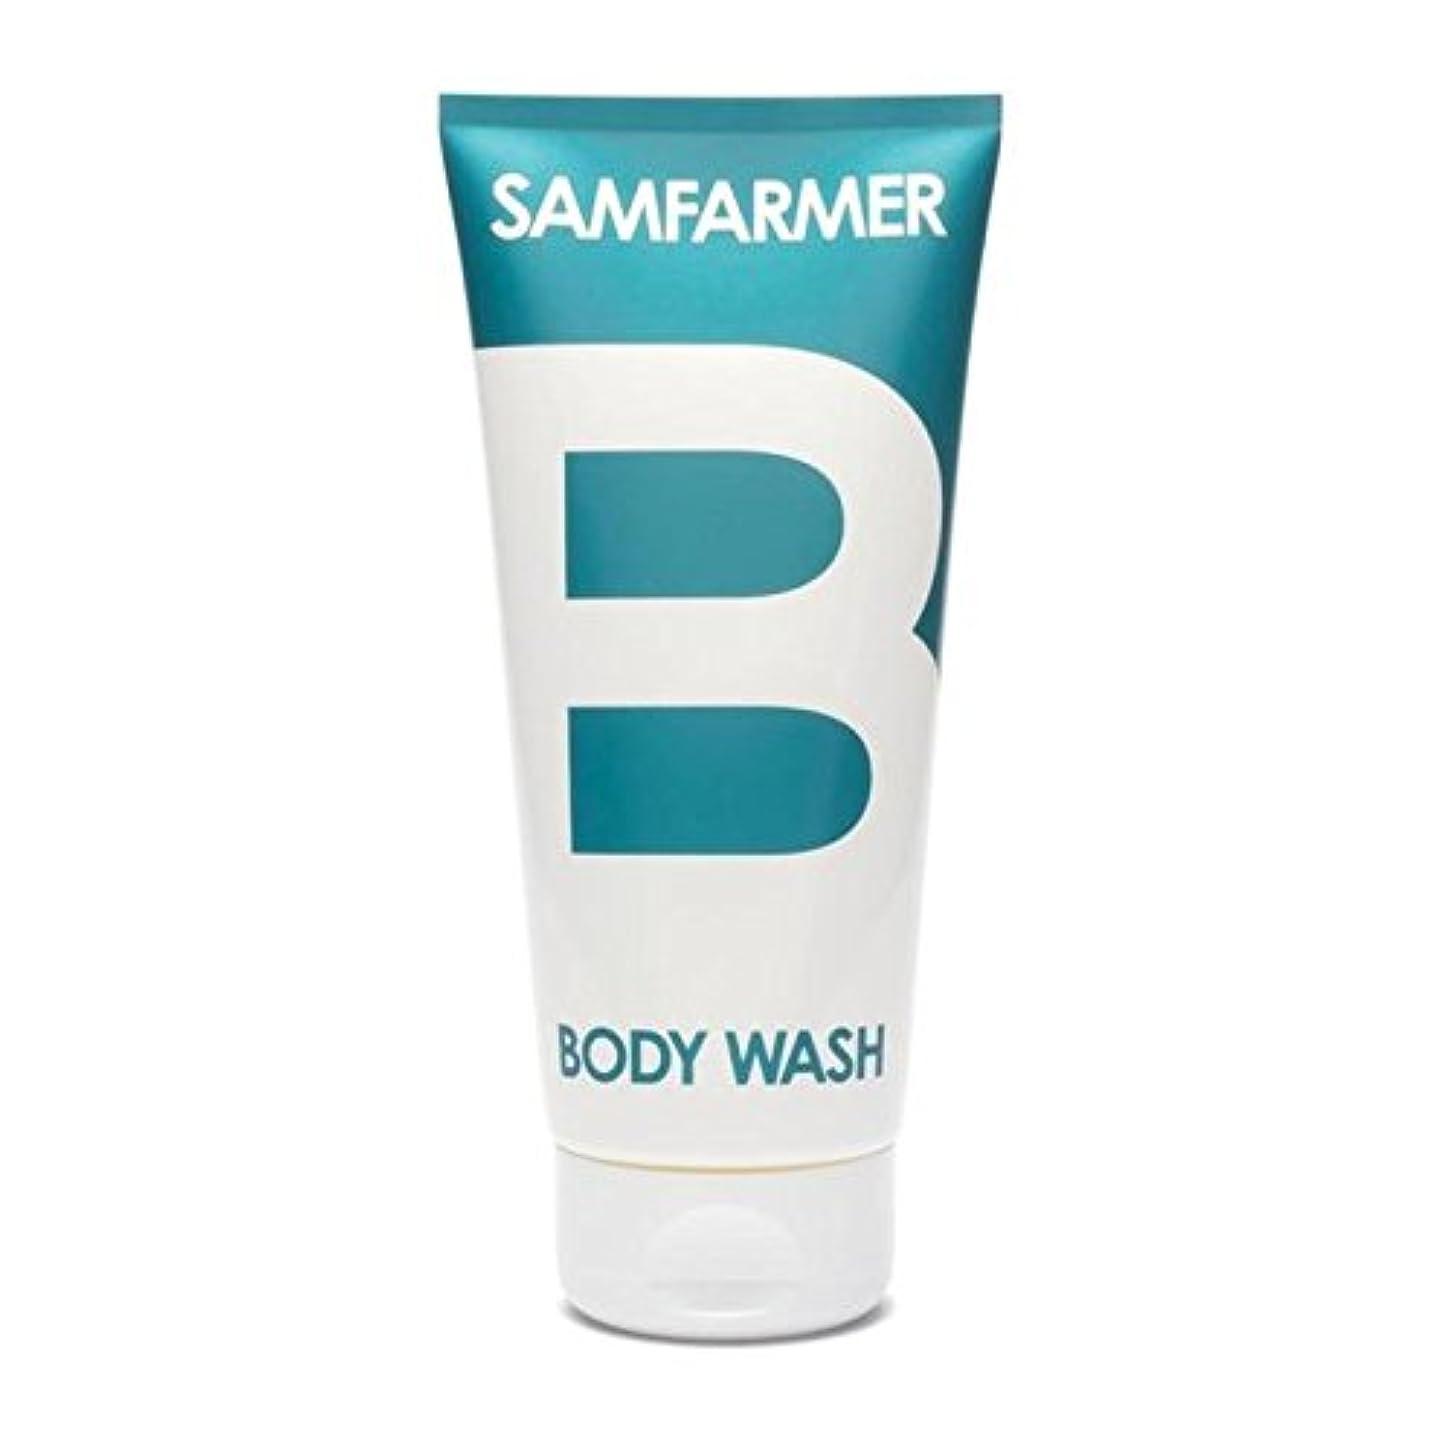 地図幸運作成者SAMFARMER Unisex Body Wash 200ml - ユニセックスボディウォッシュ200ミリリットル [並行輸入品]